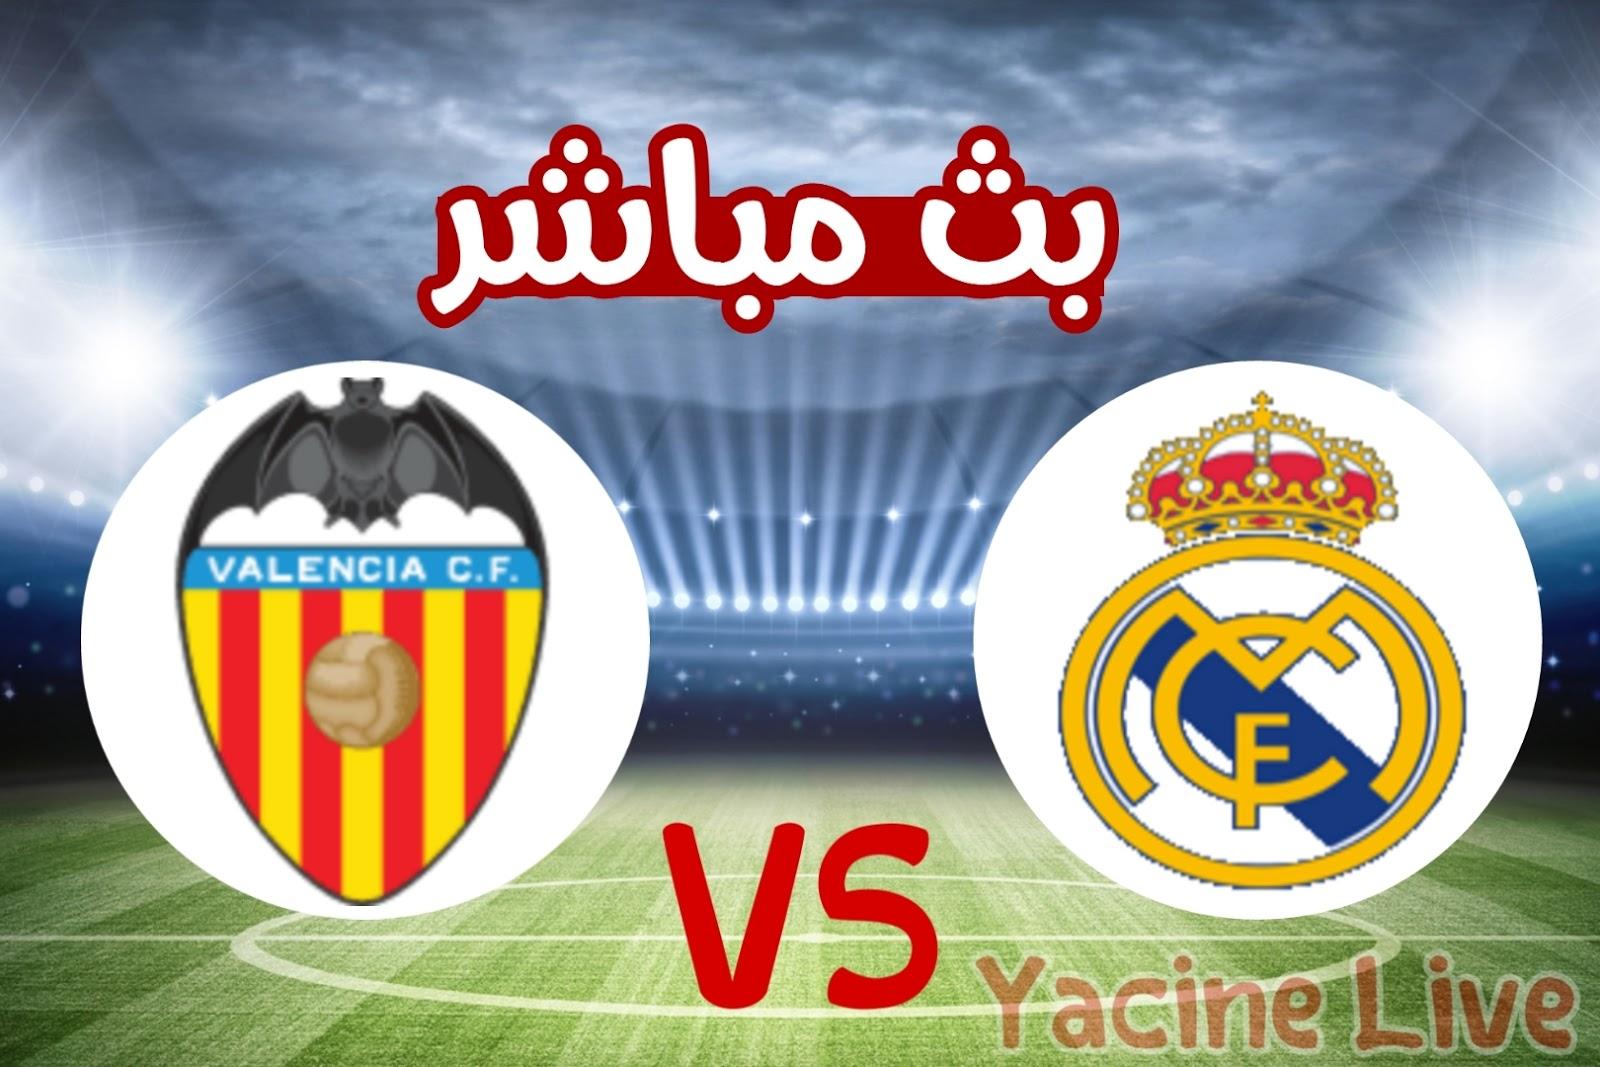 بث مباشر لمبارة ريال مدريد ضد فالينسيا بجودة عالية وبدون اي تقطعات